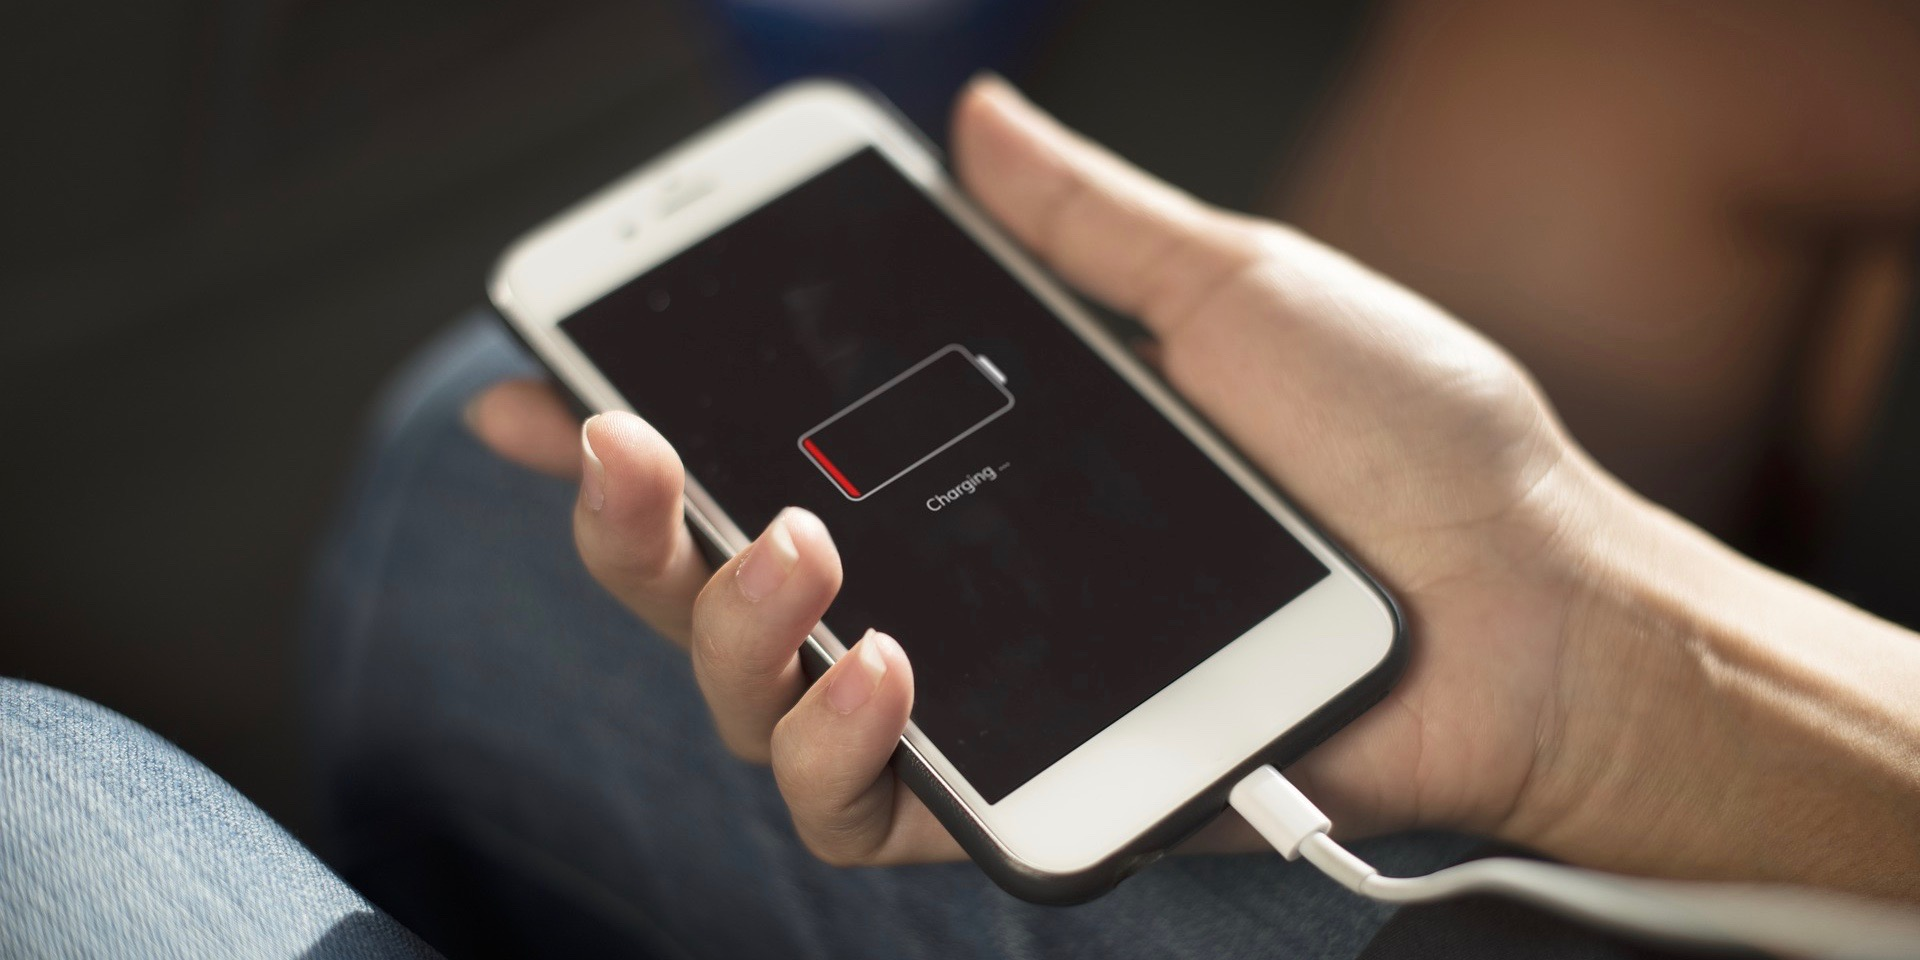 iPhone Akku tauchen / iPhone Batterie wechseln